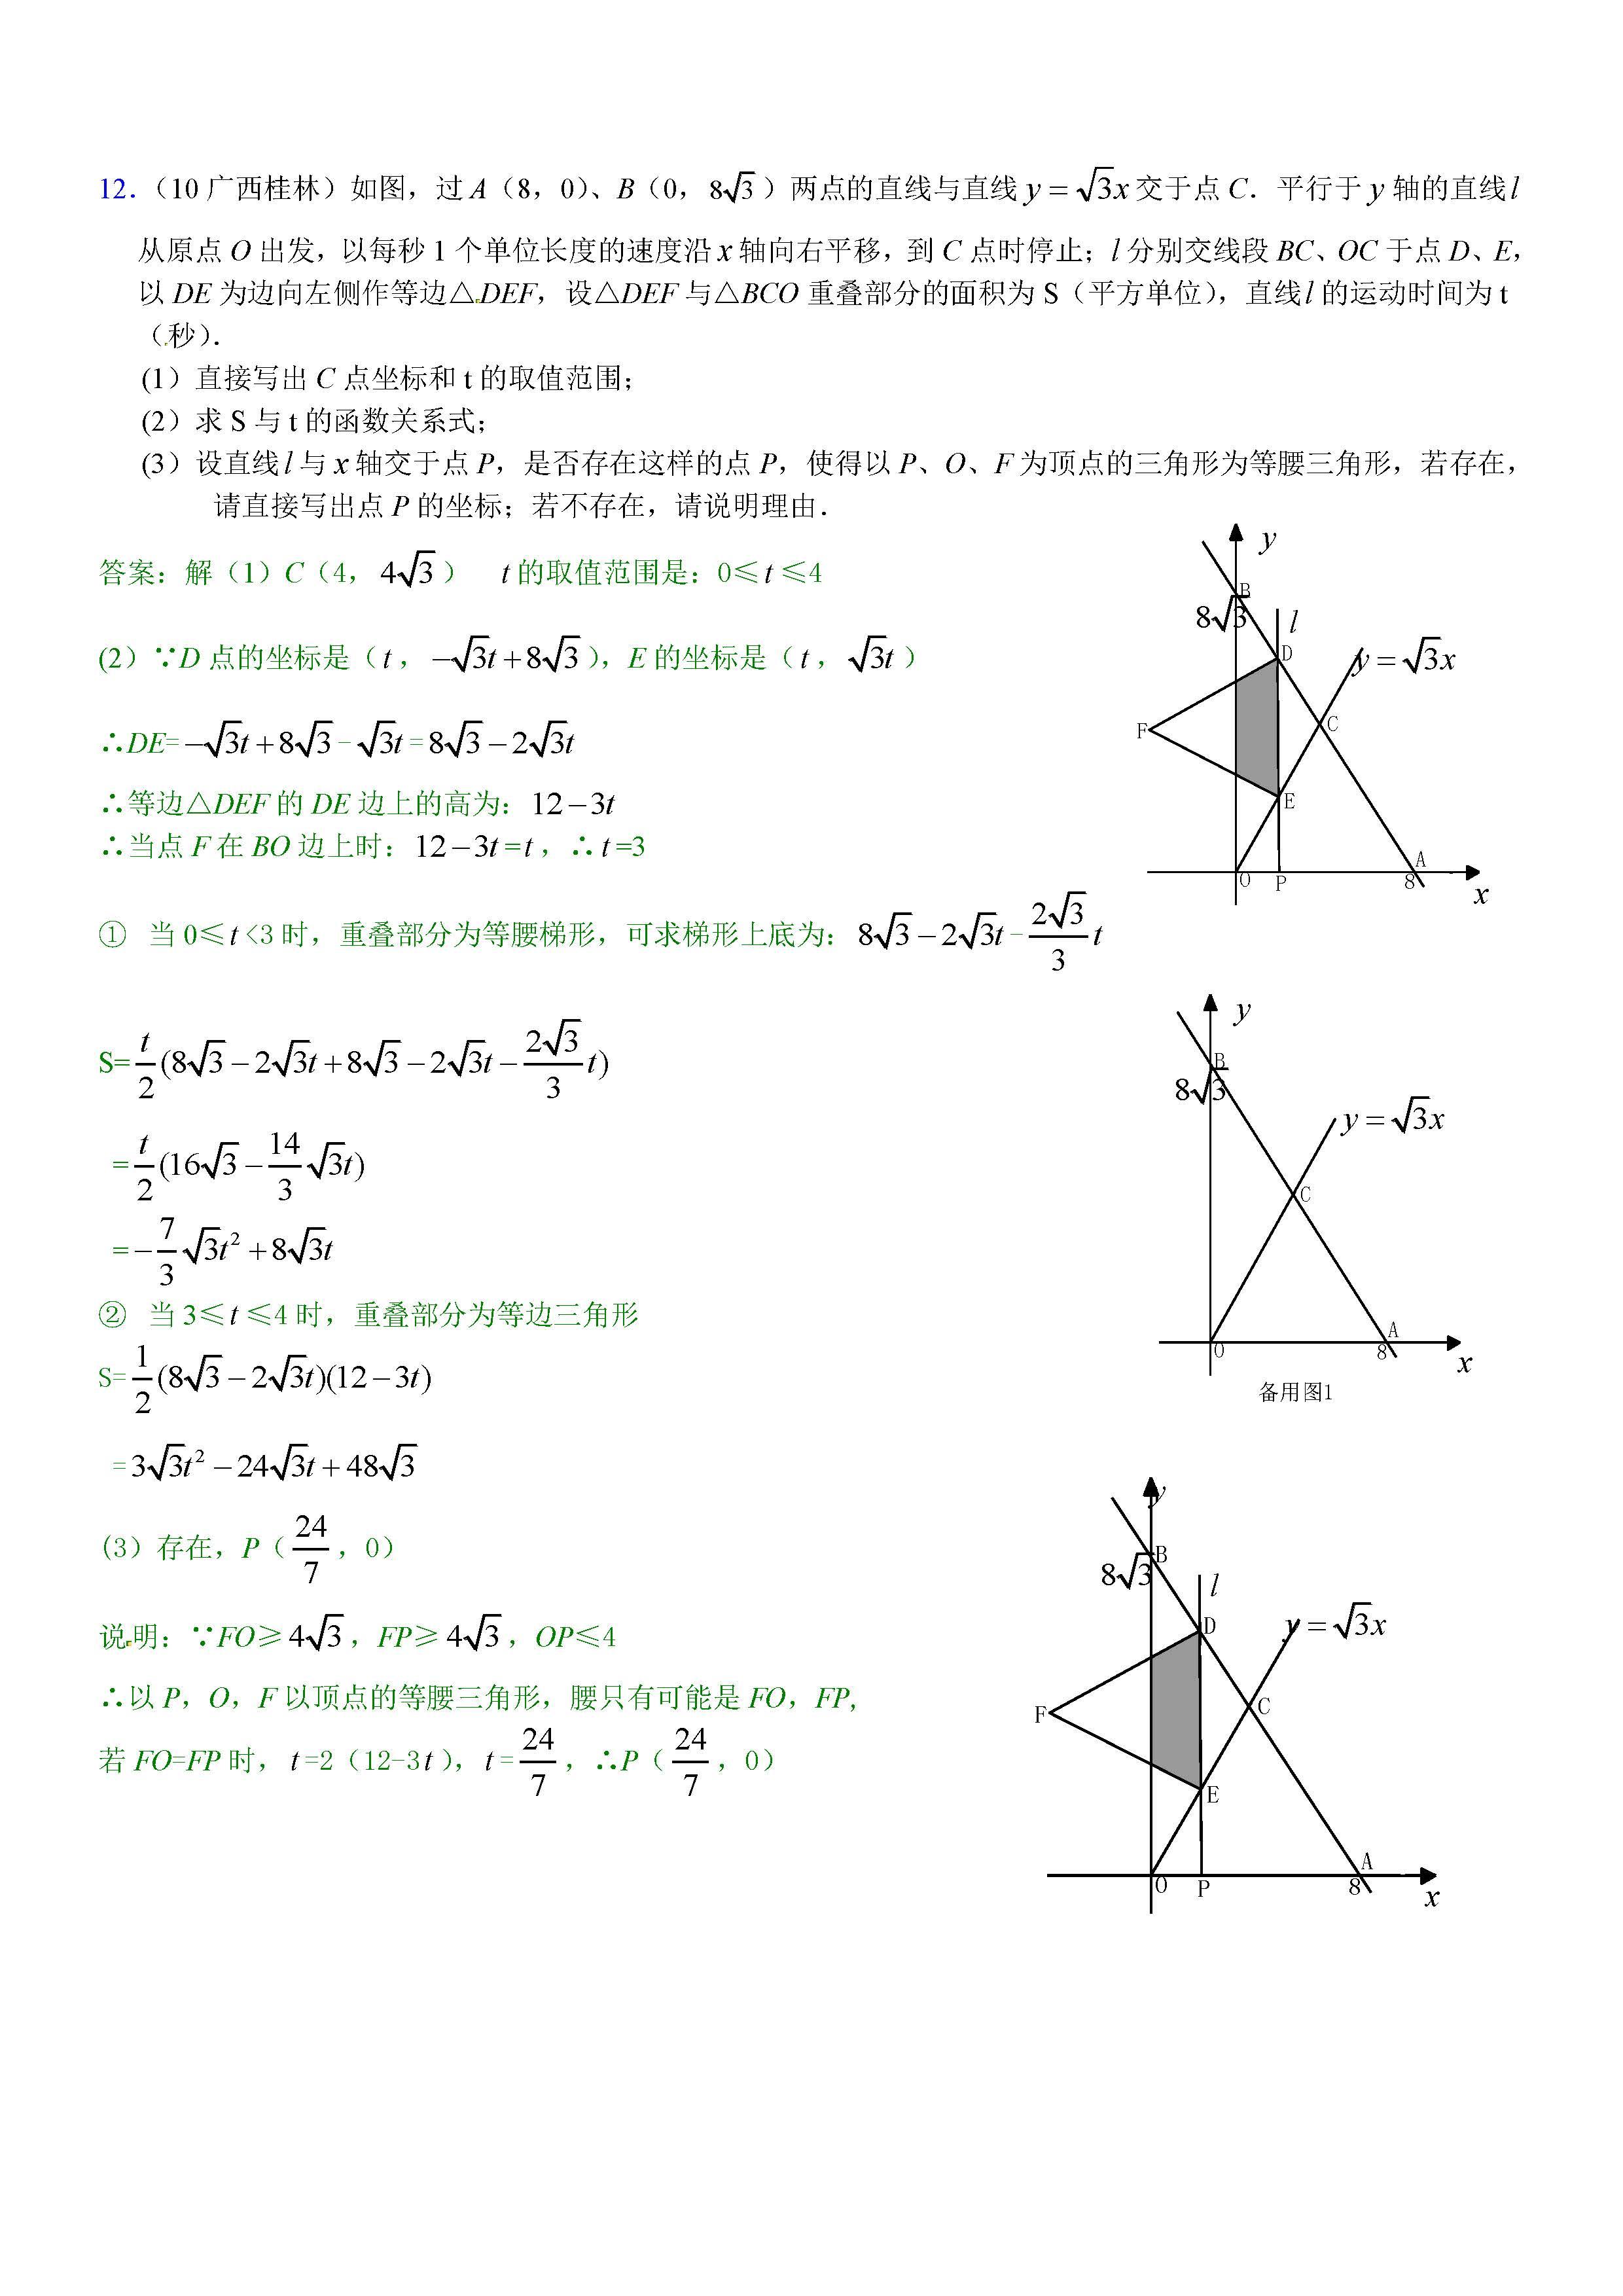 中考数学压轴题之二次函数综合计算题精选(十二)